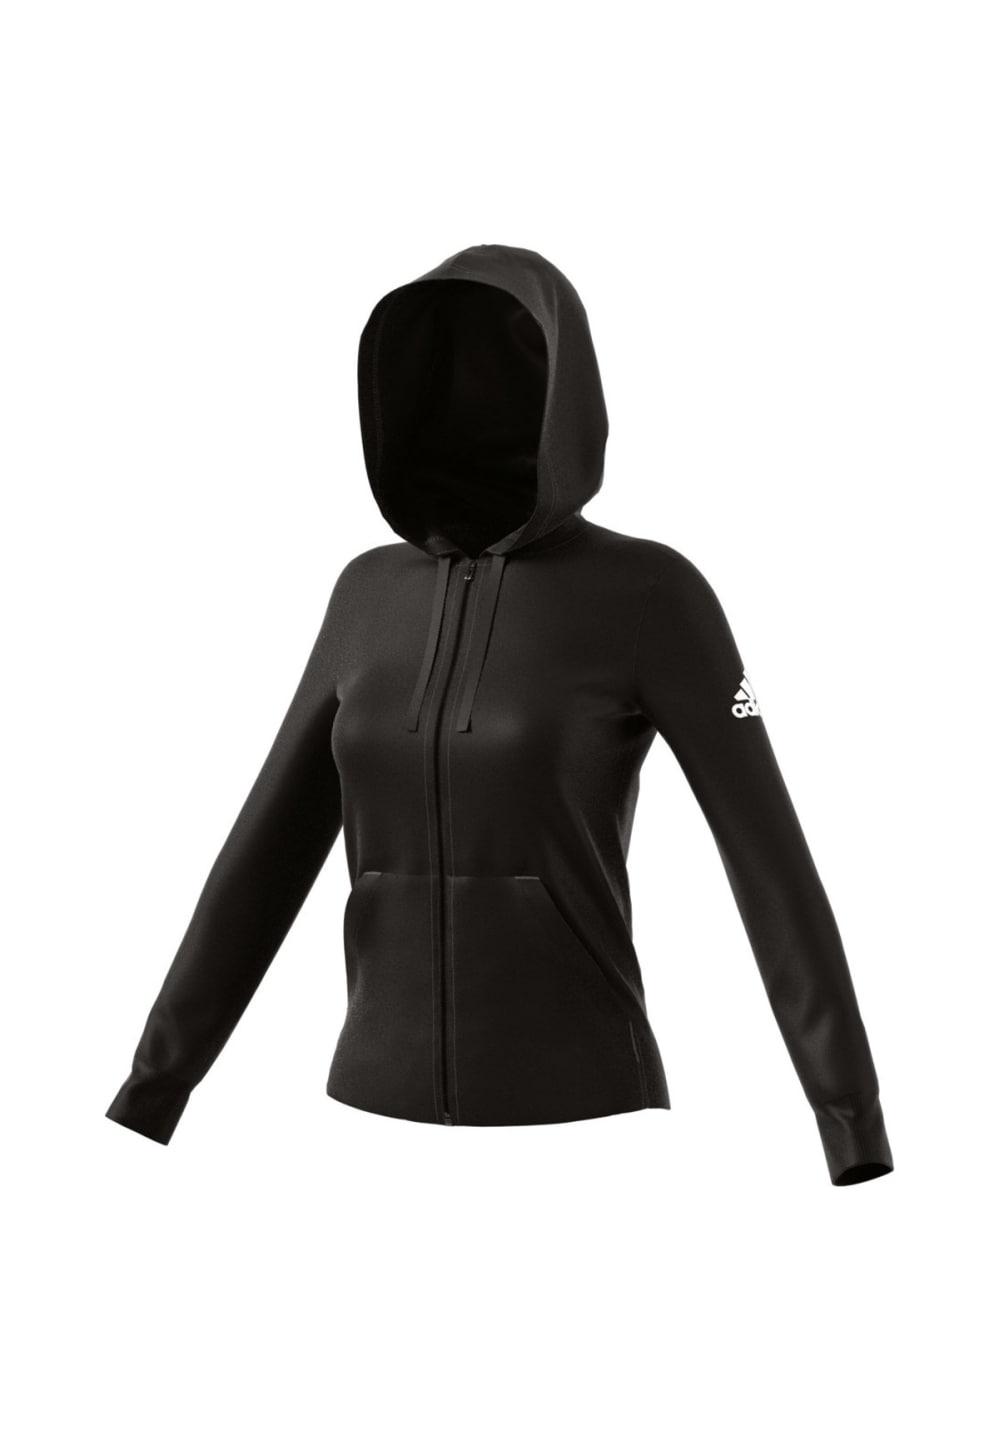 adidas Essentials Solid Fullzip Hoodie - Sweatshirts & Hoodies für Damen - Schwarz